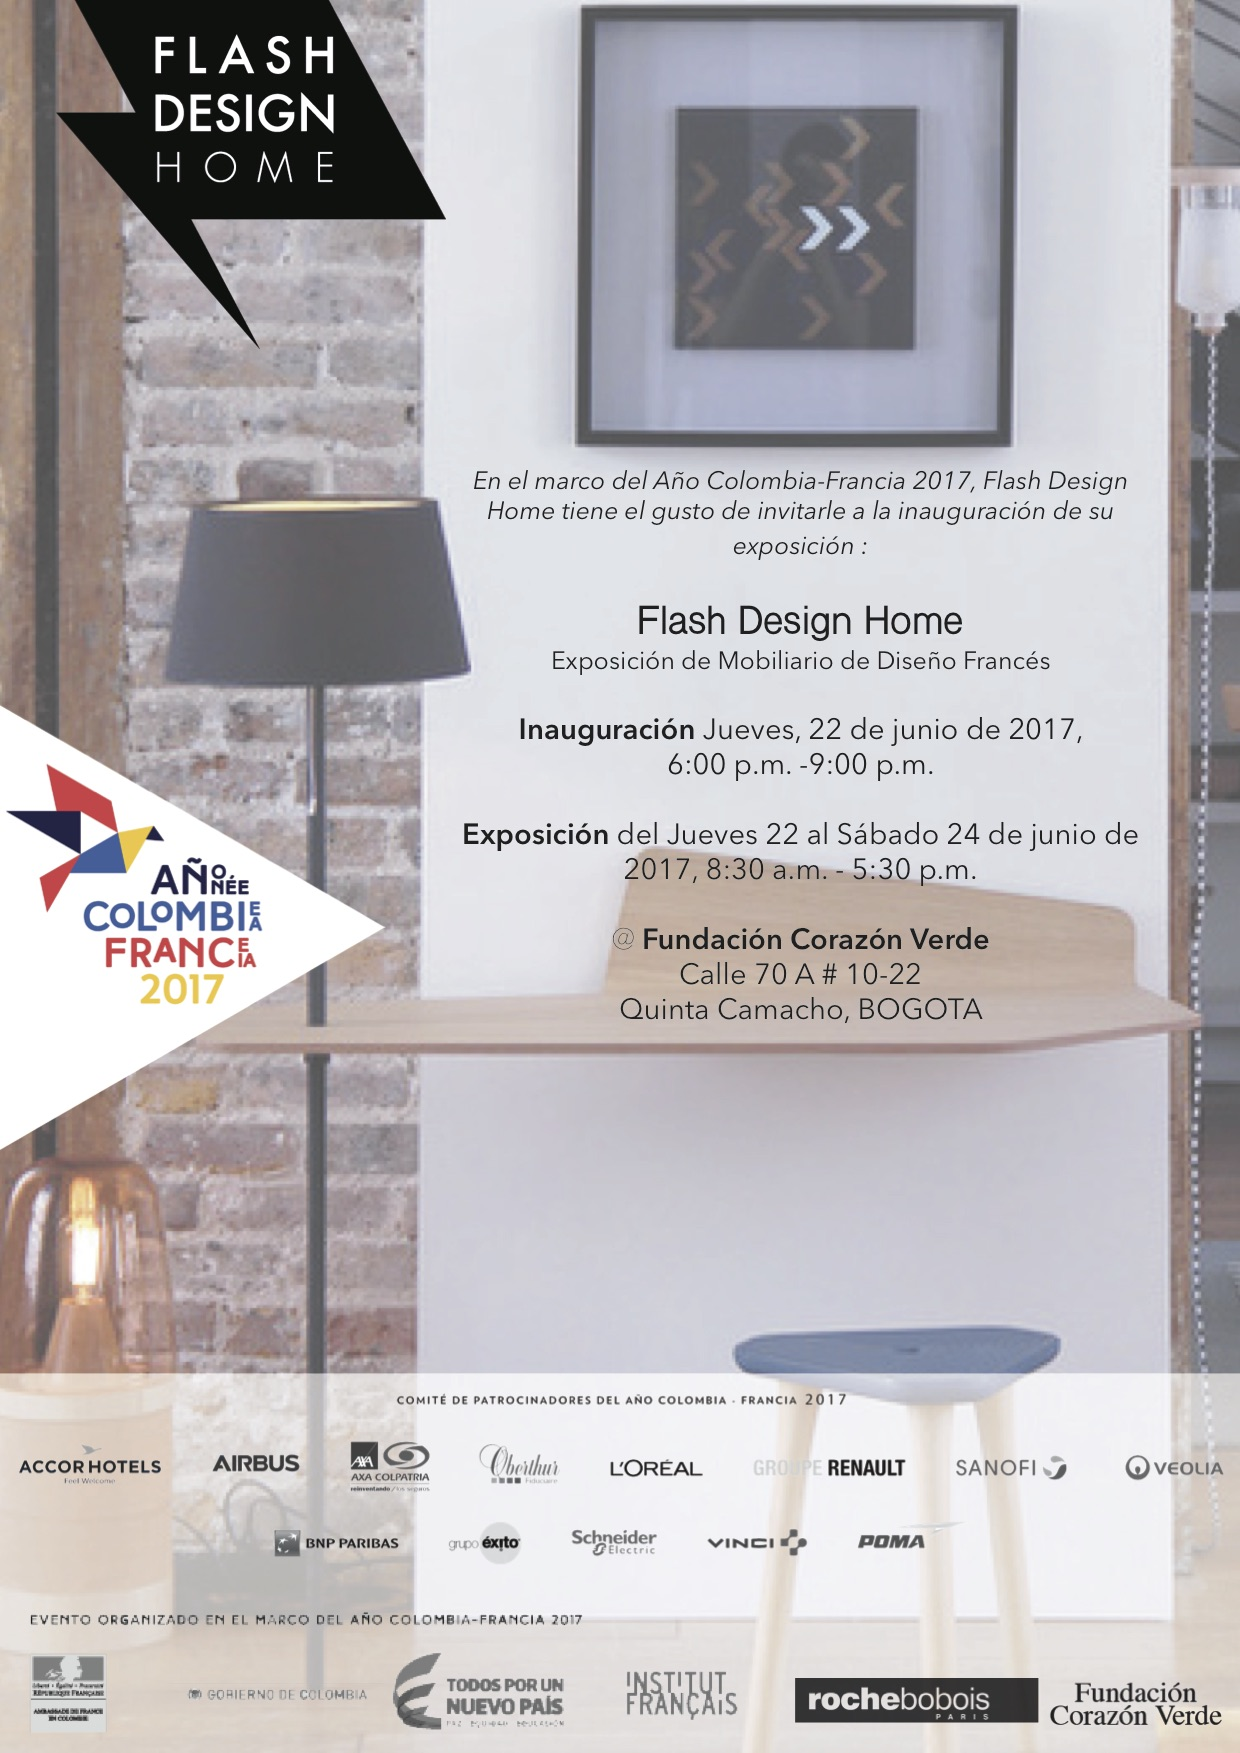 Flash Design Home - Invitation